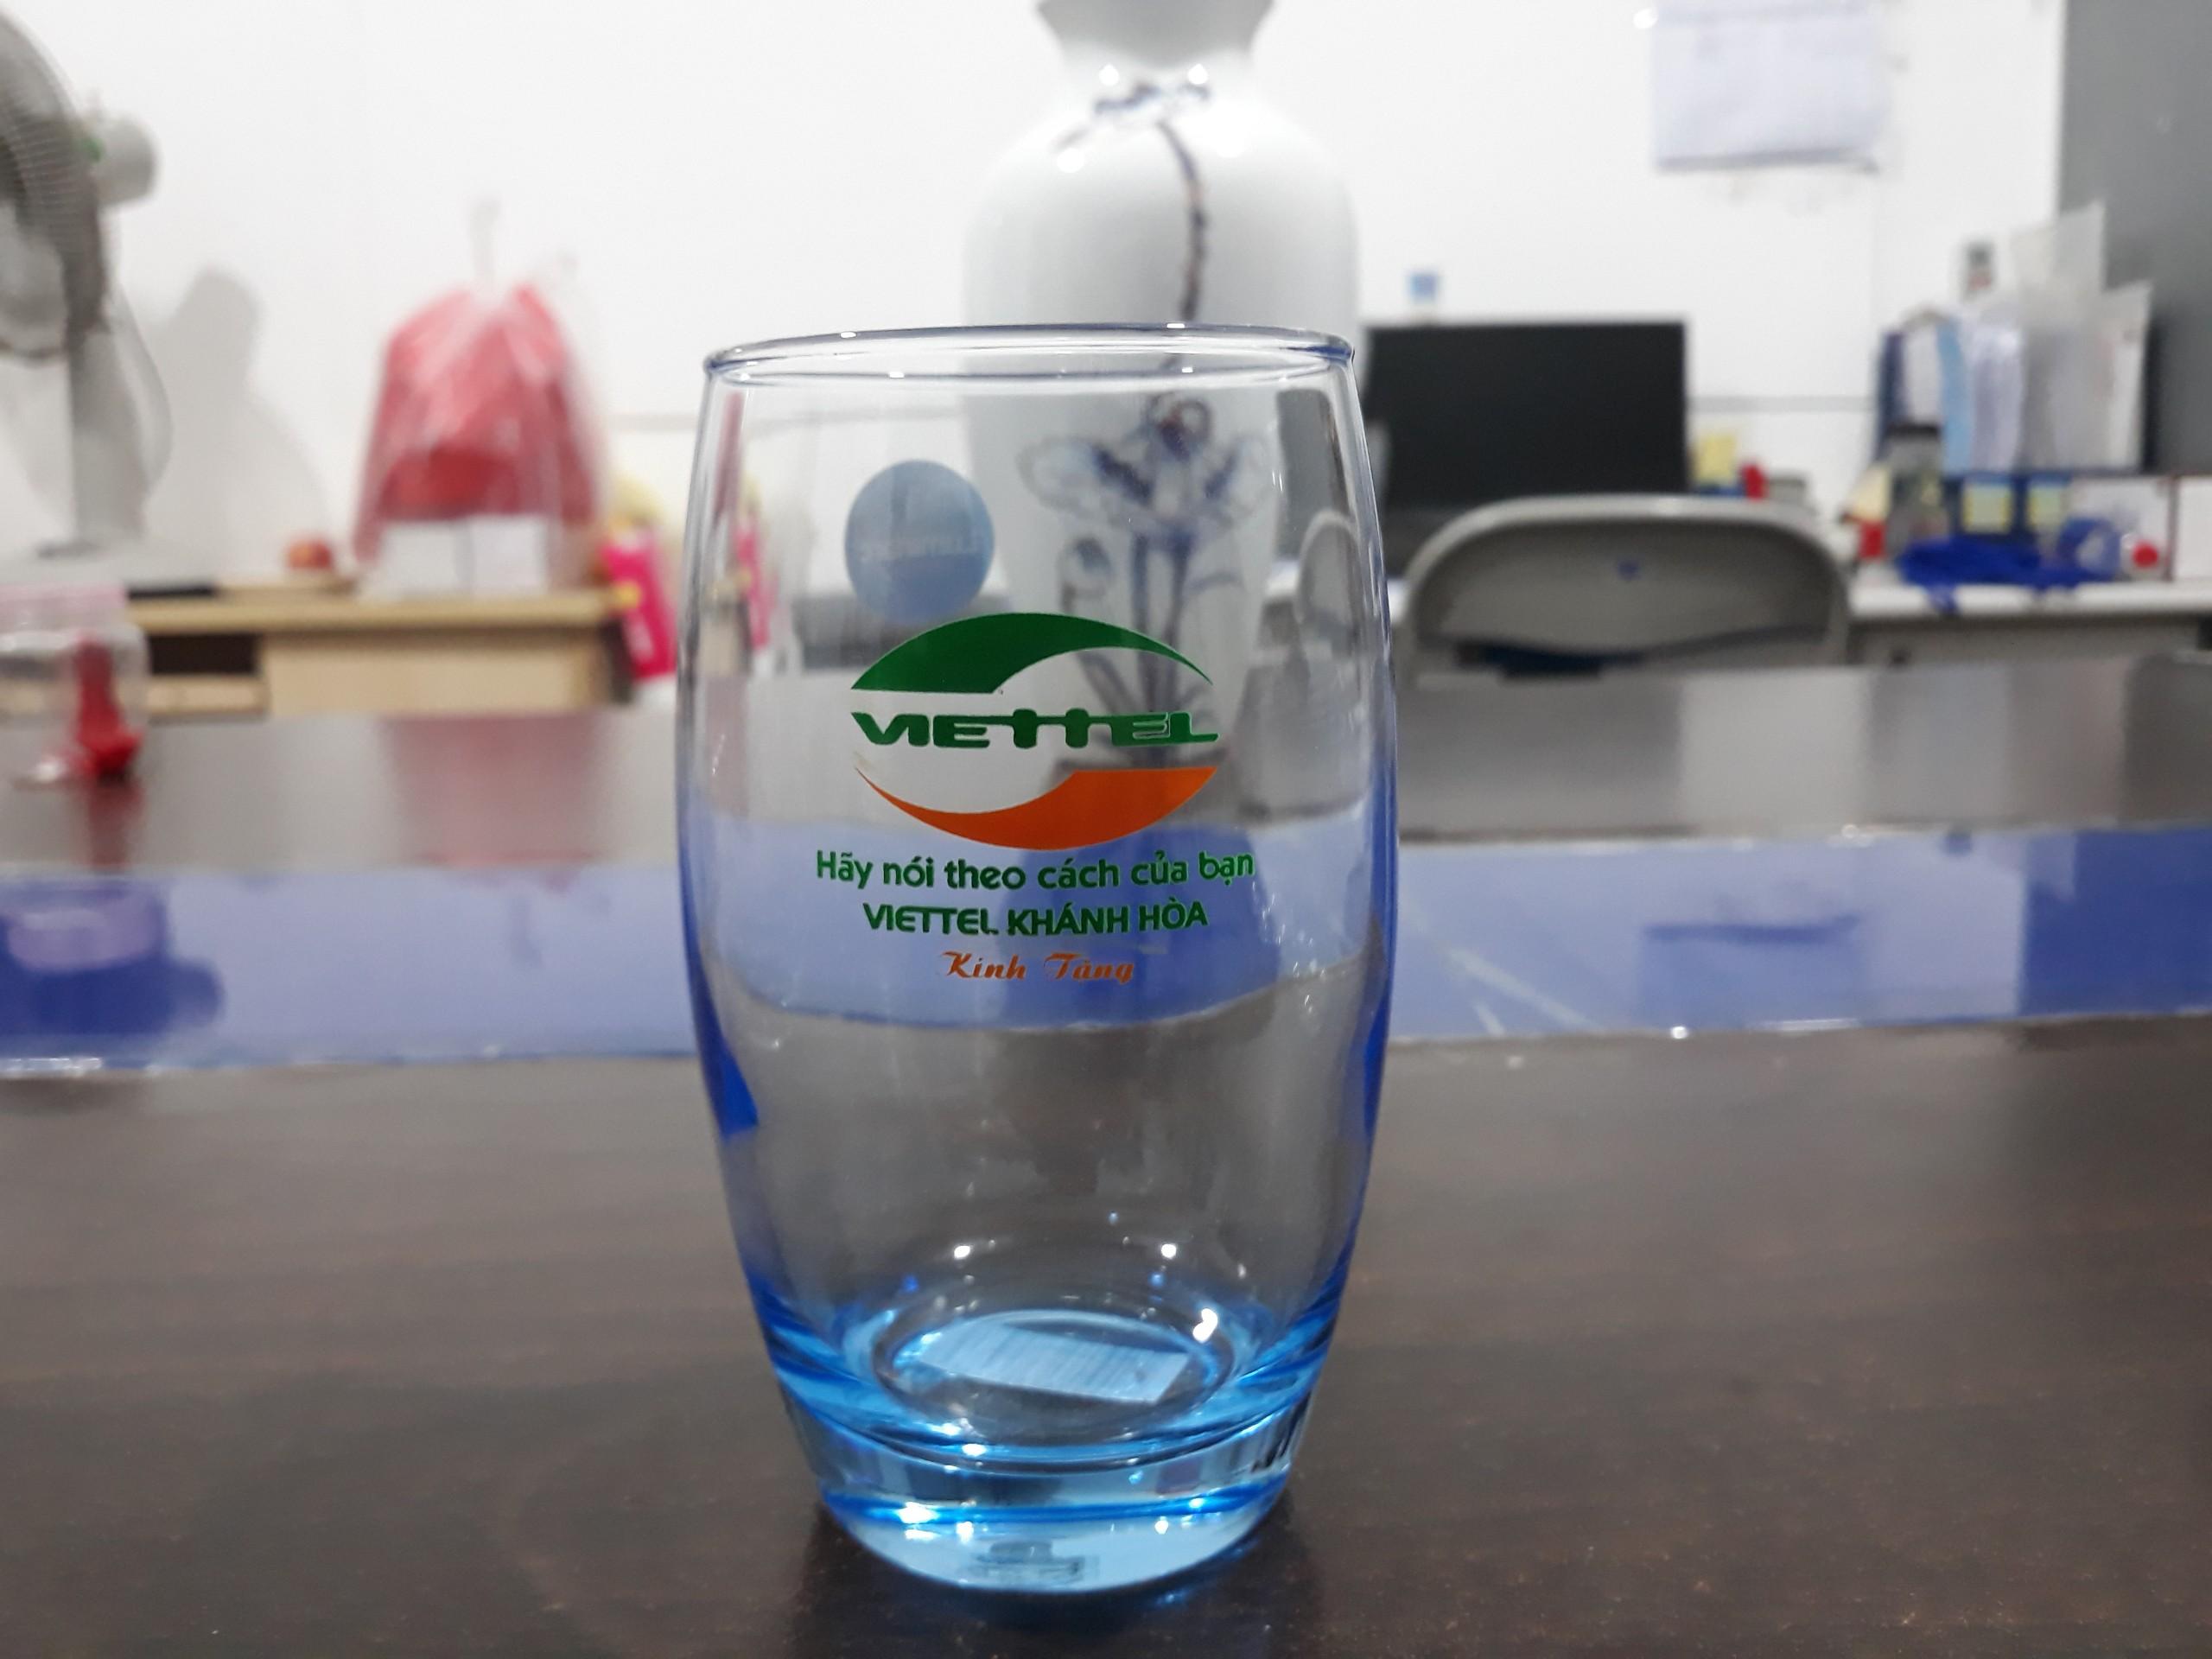 Bộ ly thuỷ tinh luminarc in logo làm quà tặng doanh nghiệp số lượng lớn giá tốt nhất tại tphcm